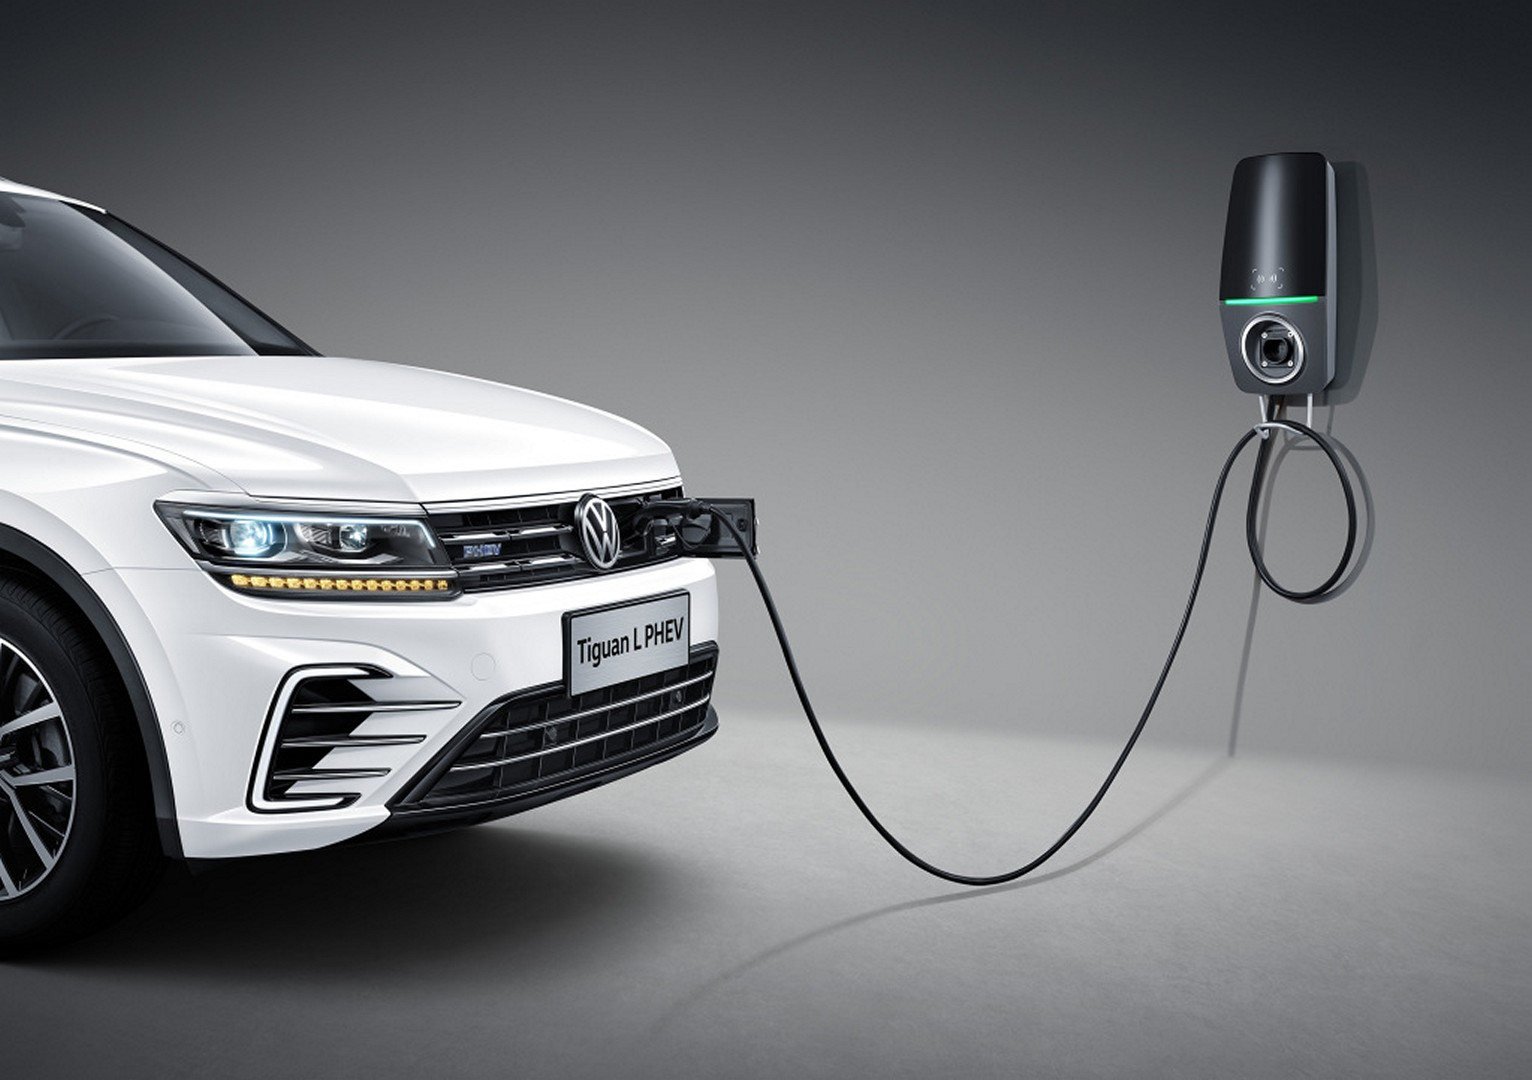 Volkswagen_Tiguan_PHEV_0005